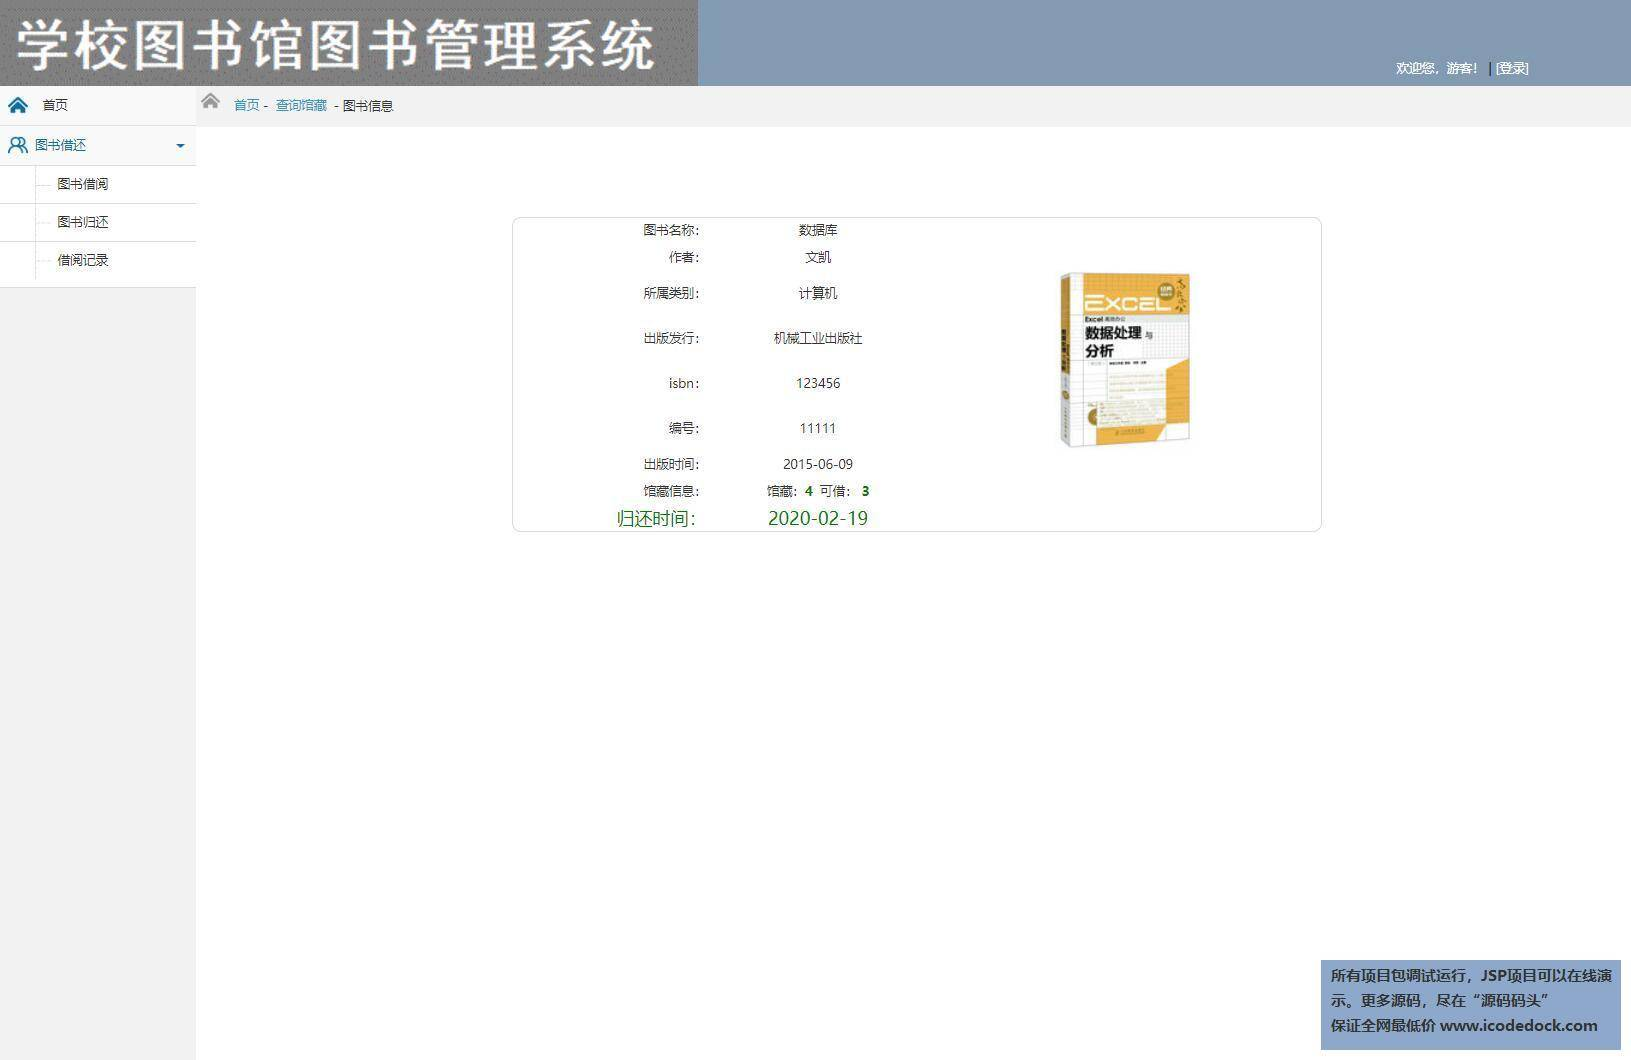 源码码头-JSP图书馆图书管理系统-游客角色-查看图书详情